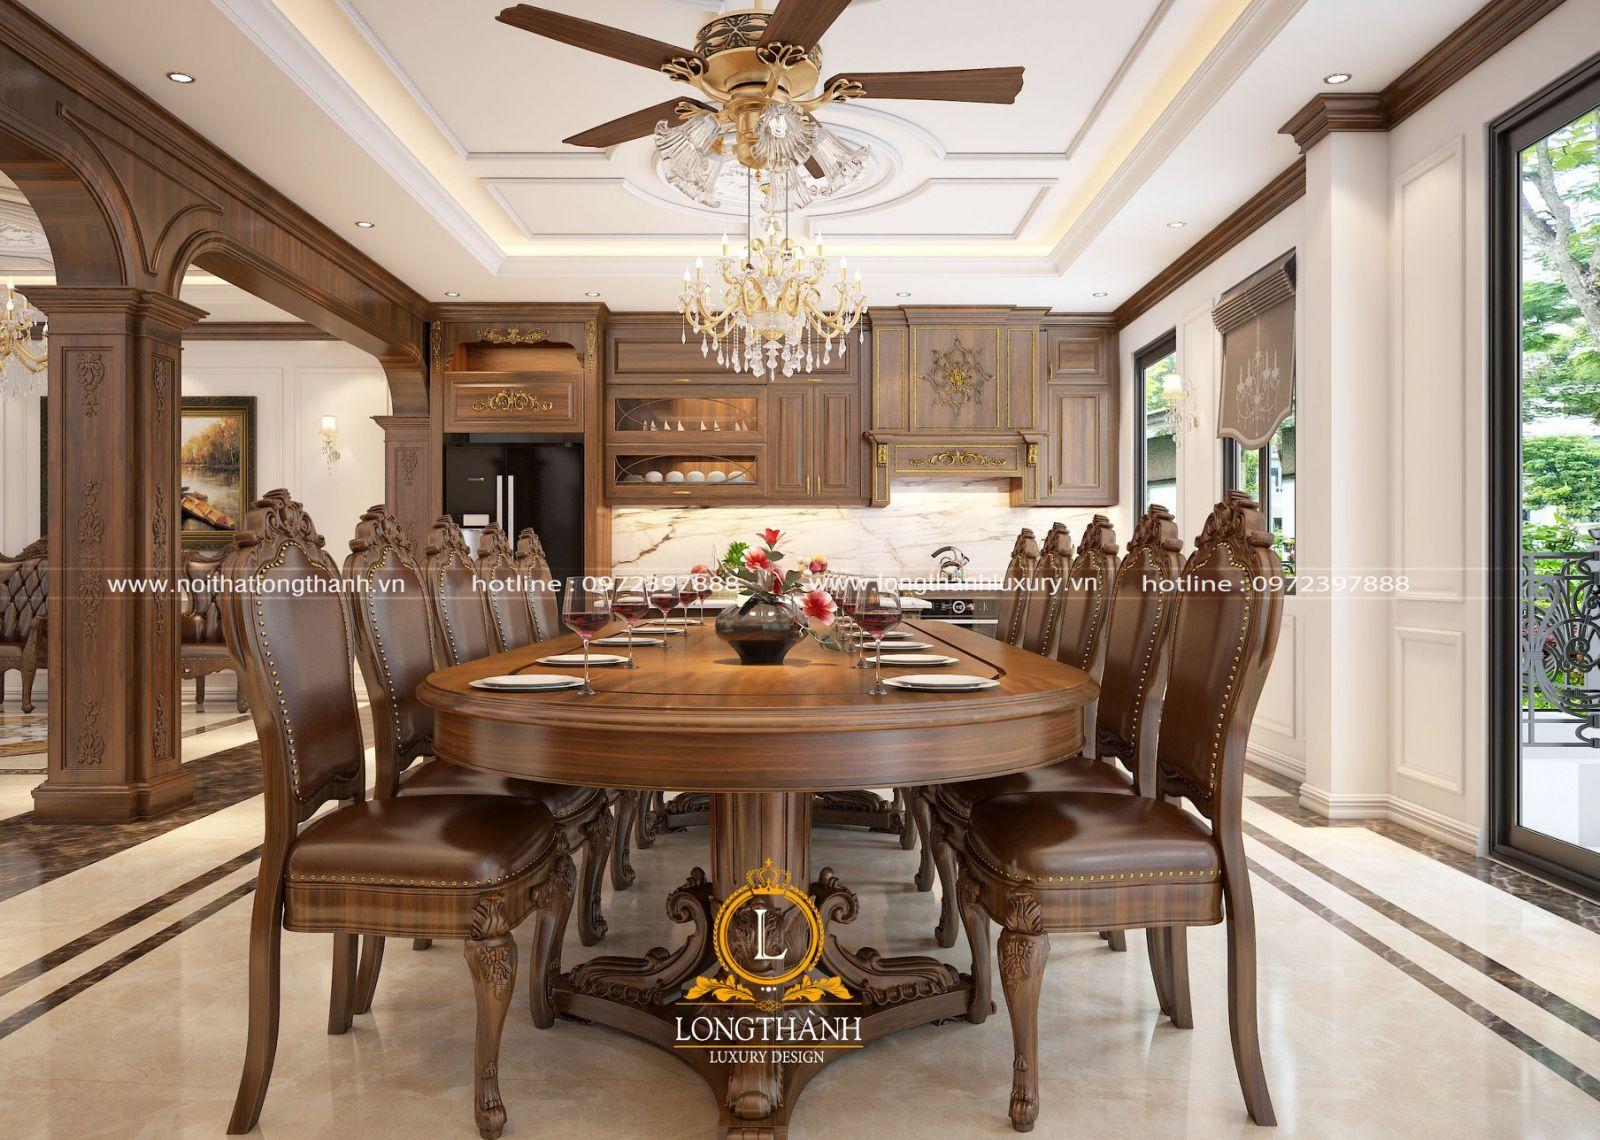 Thiết kế phòng ăn - bàn ghế ăn tân cổ điển cực đẹp